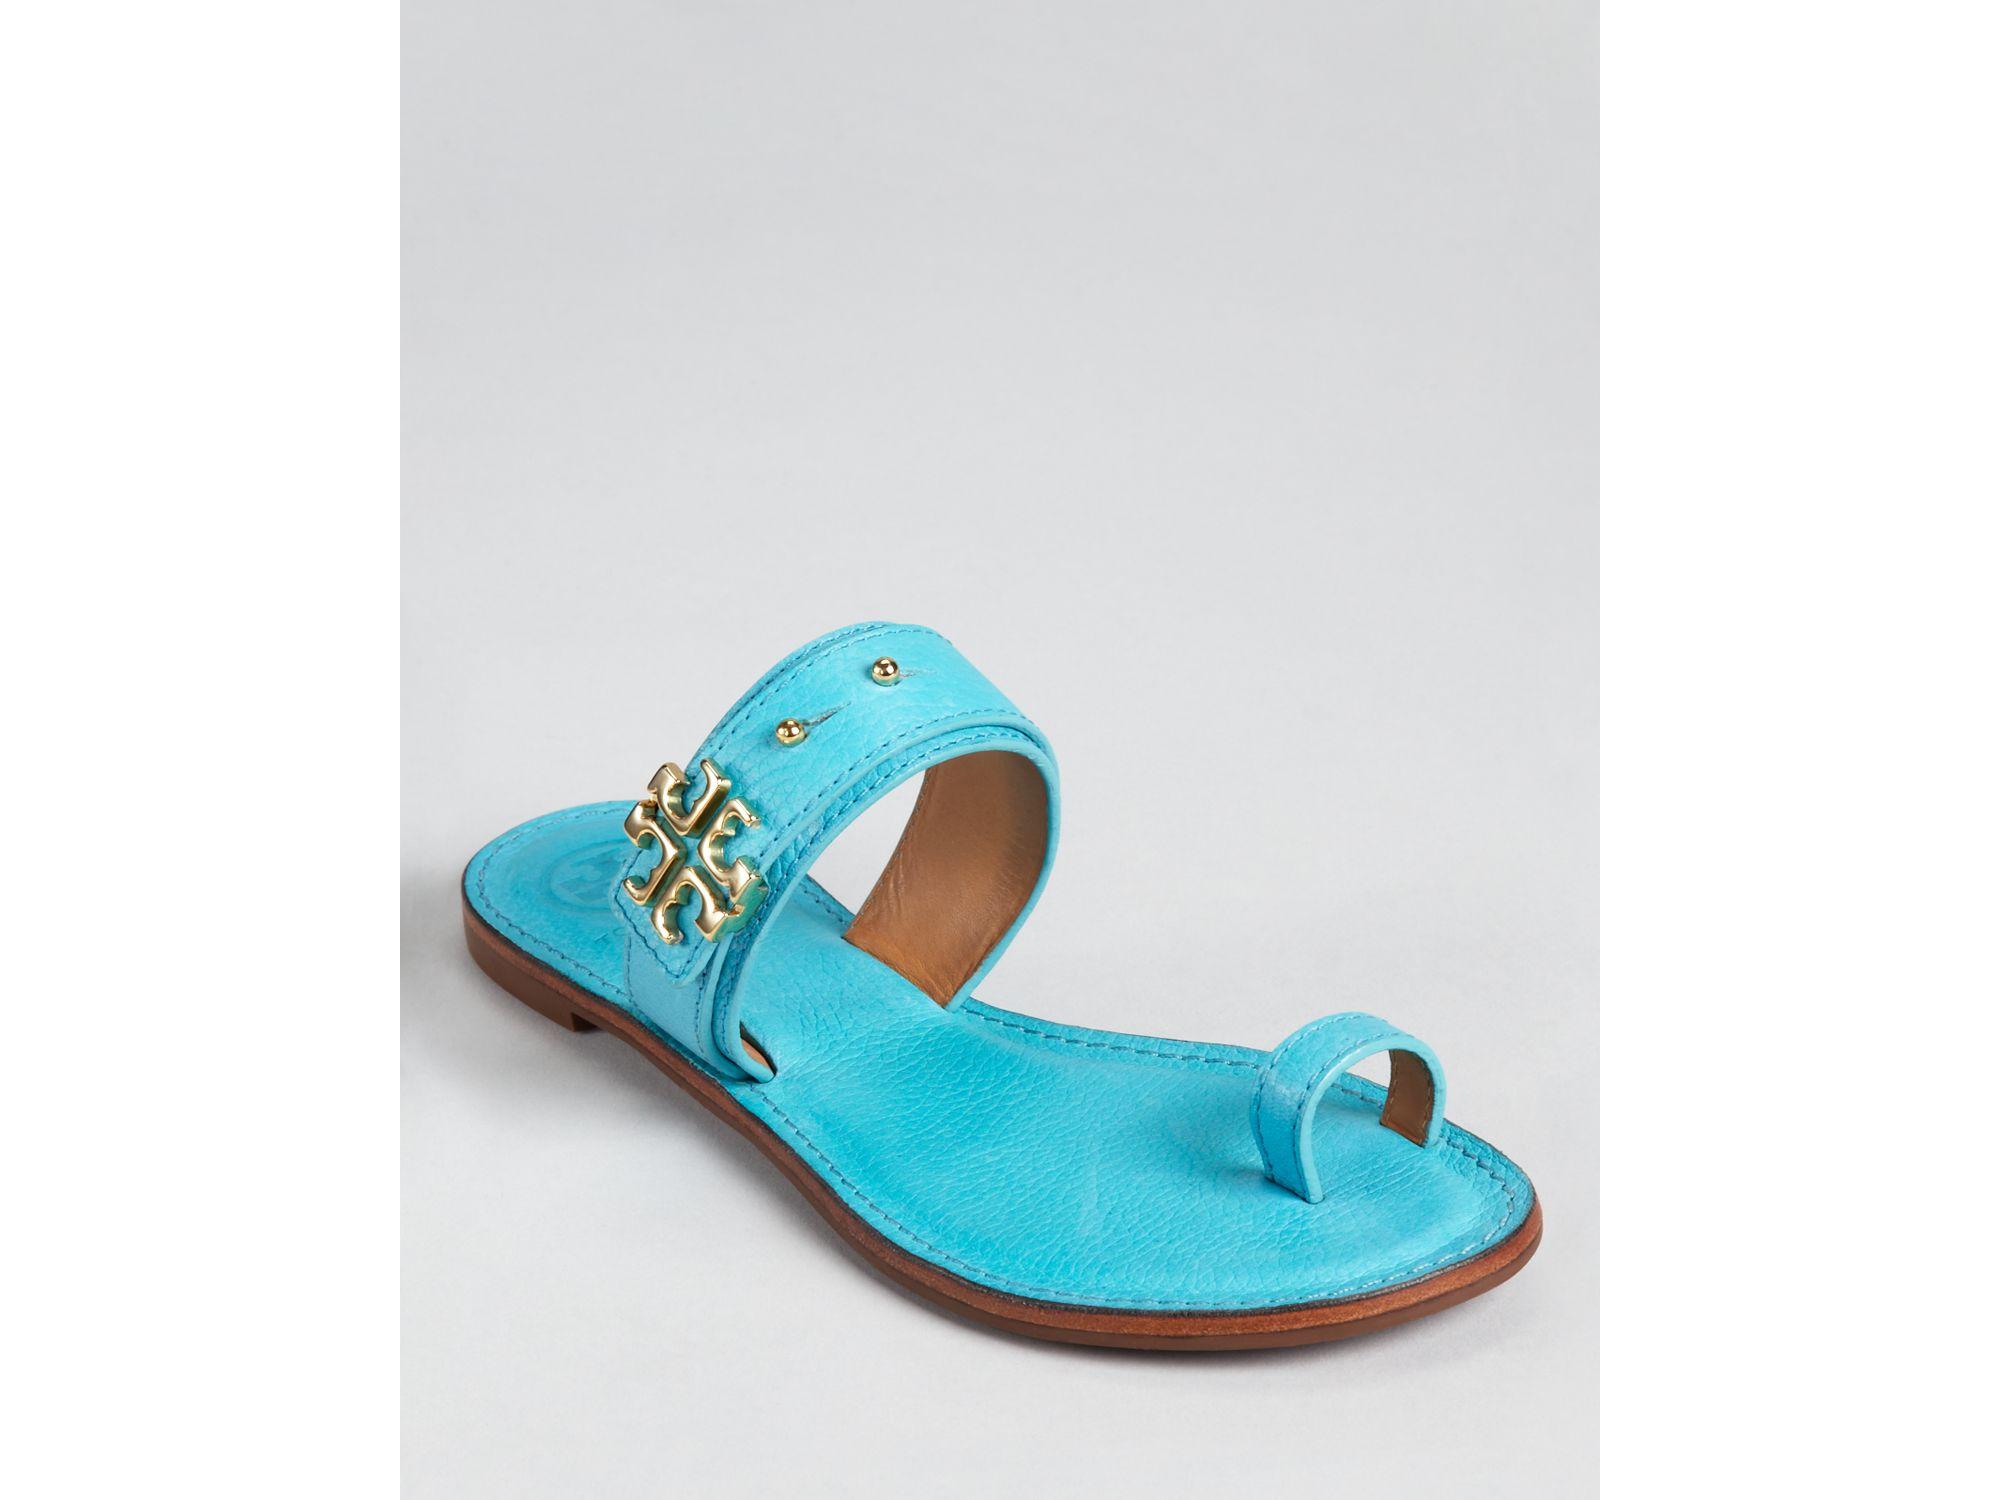 000c1f16ffce61 Lyst - Tory Burch Flat Sandals in Blue